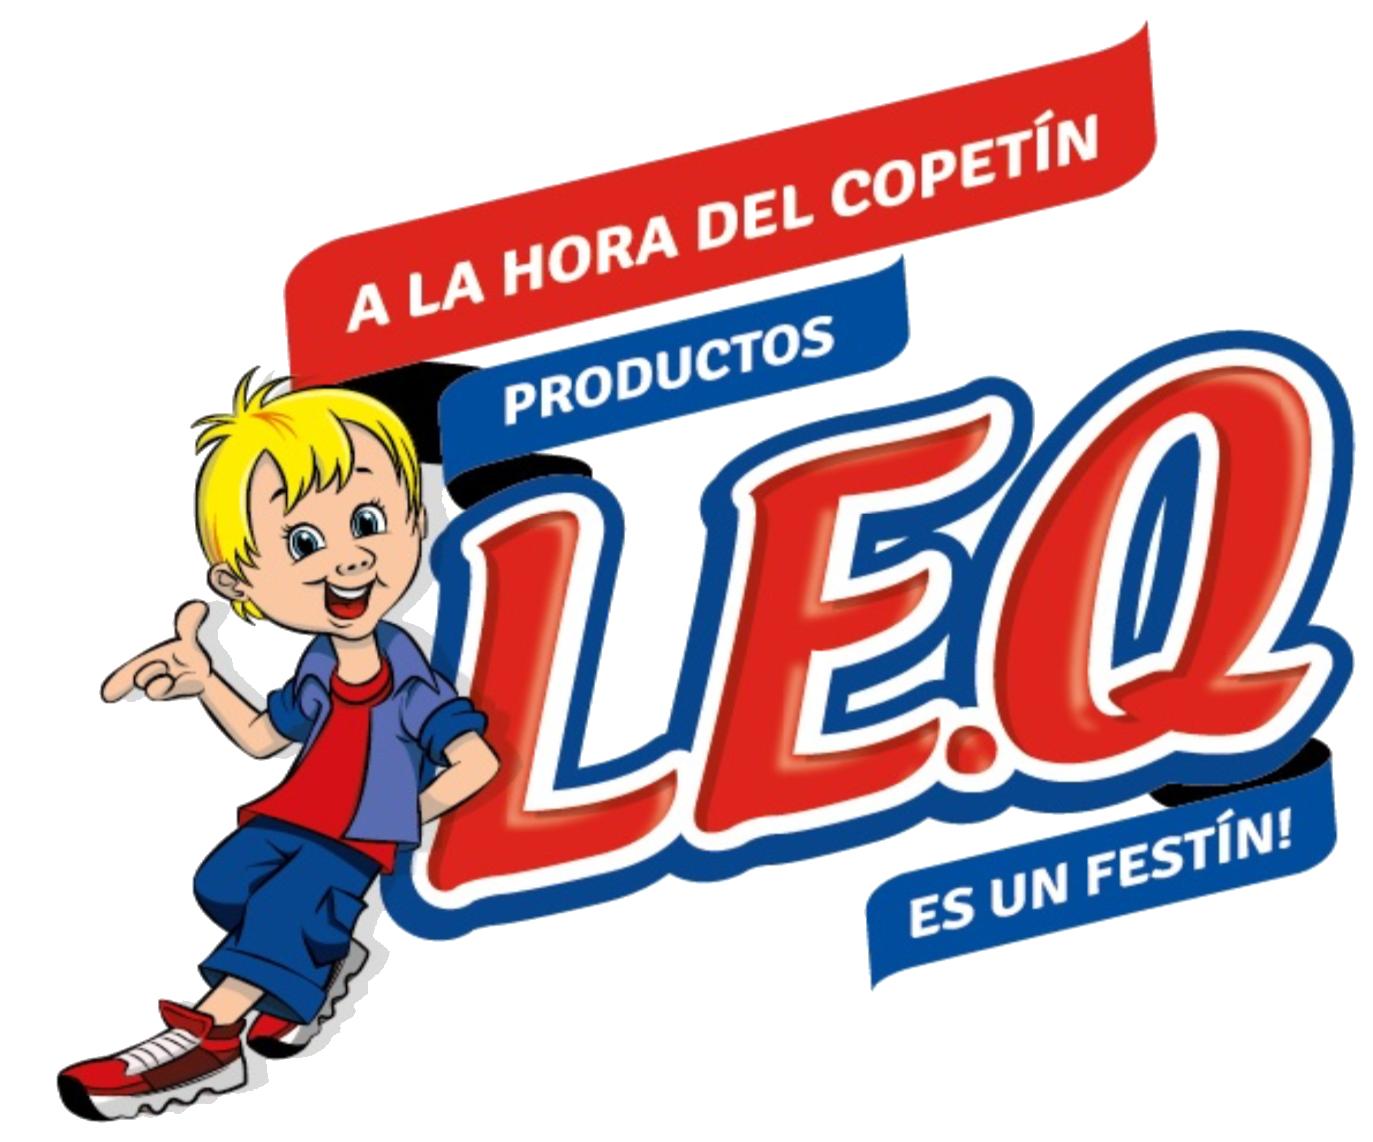 Productos LE.Q